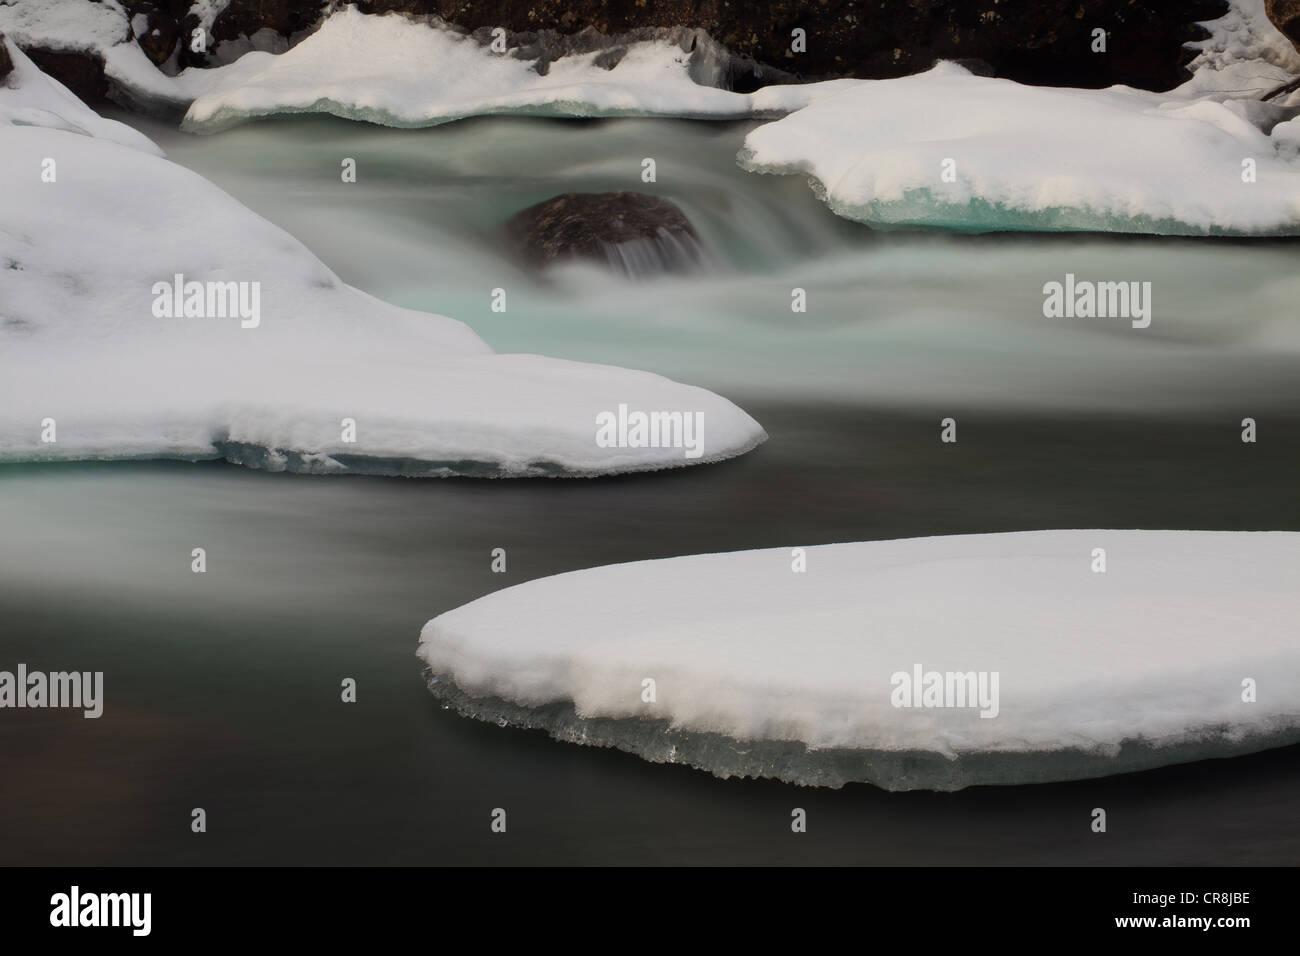 La nieve y el hielo en la ciudad de Rauma, Río Valle Romsdalen, Møre og Romsdal, Noruega. Imagen De Stock